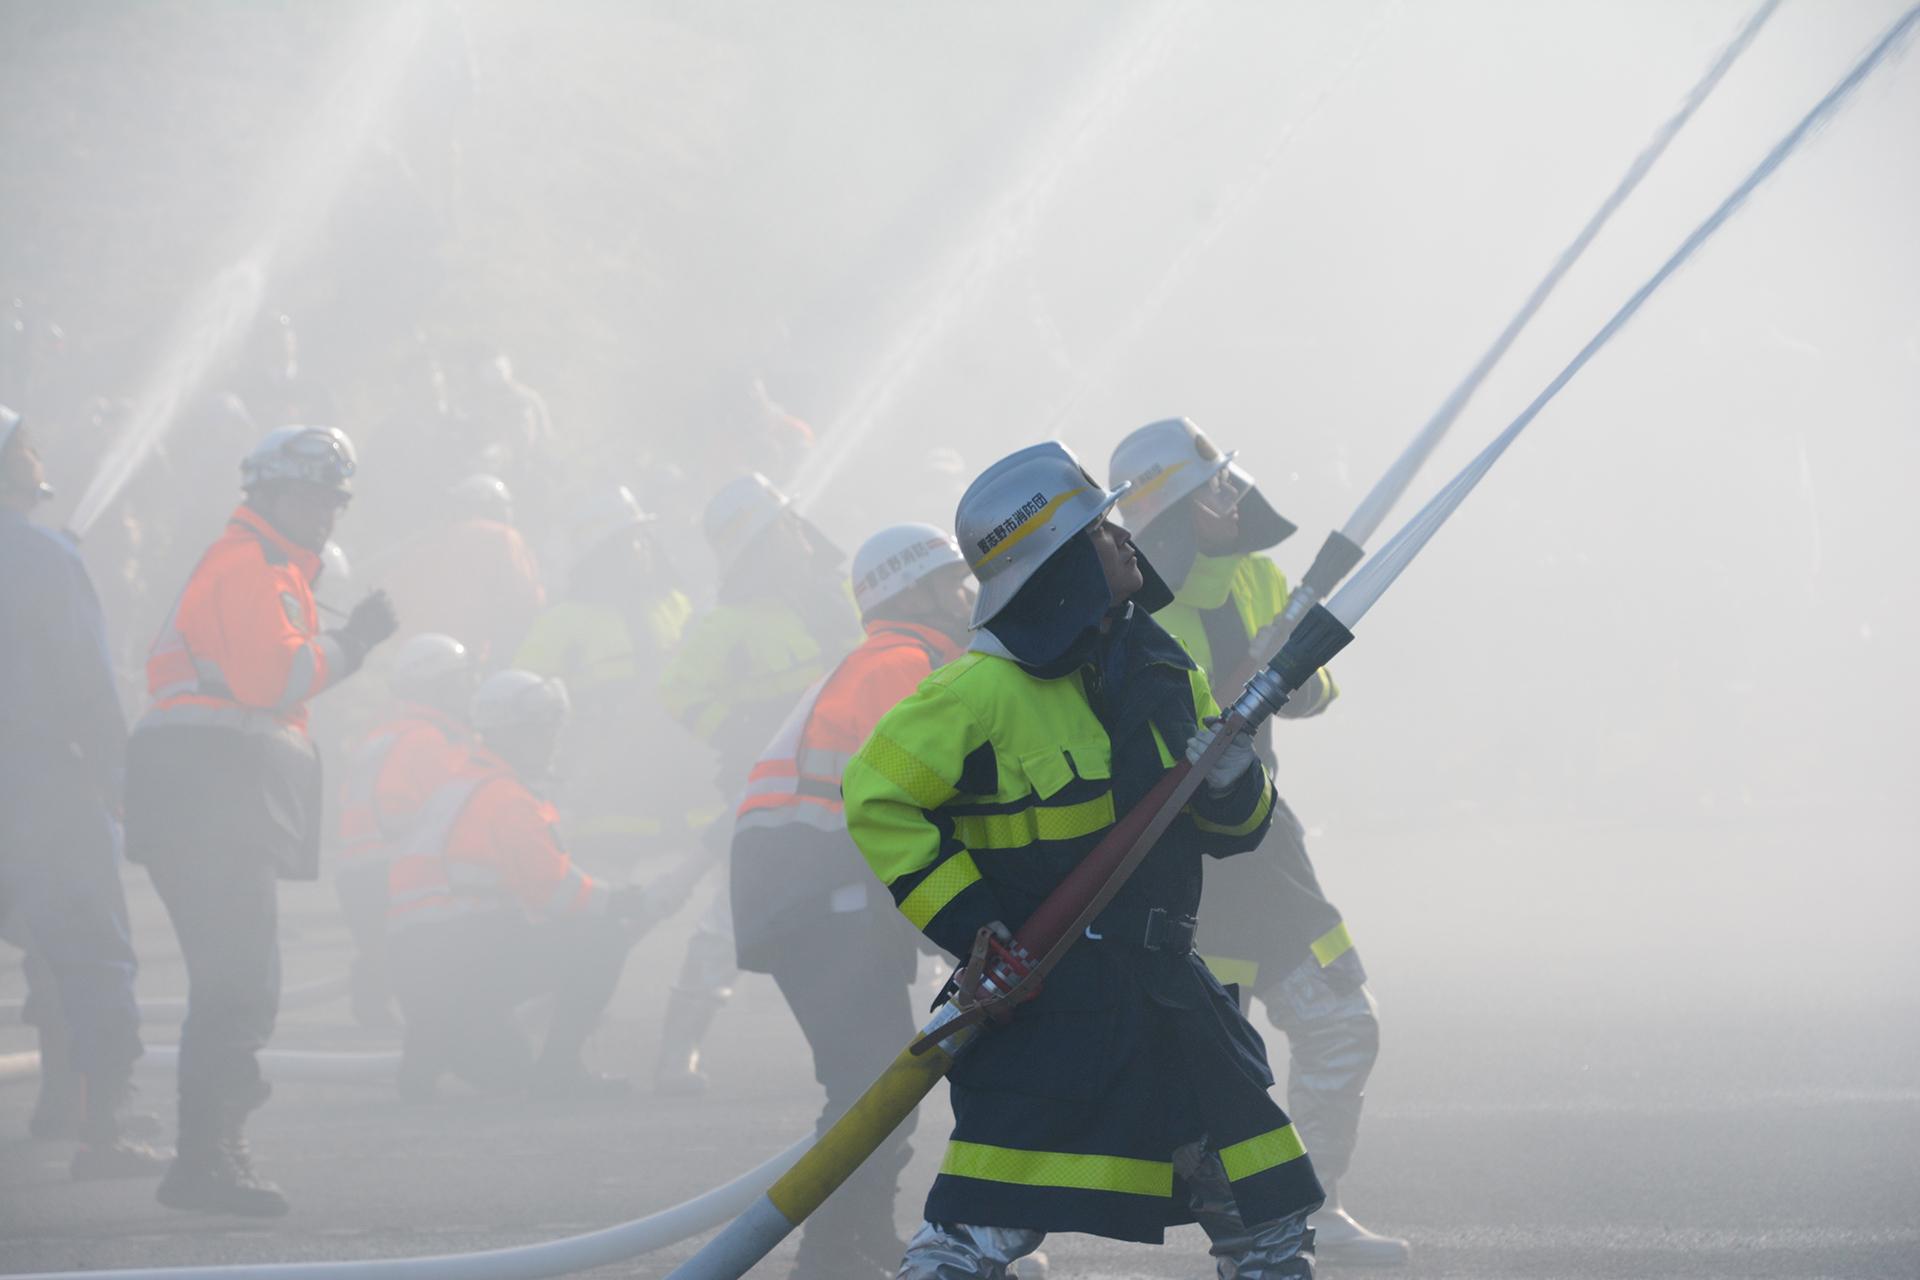 習志野市消防出初式